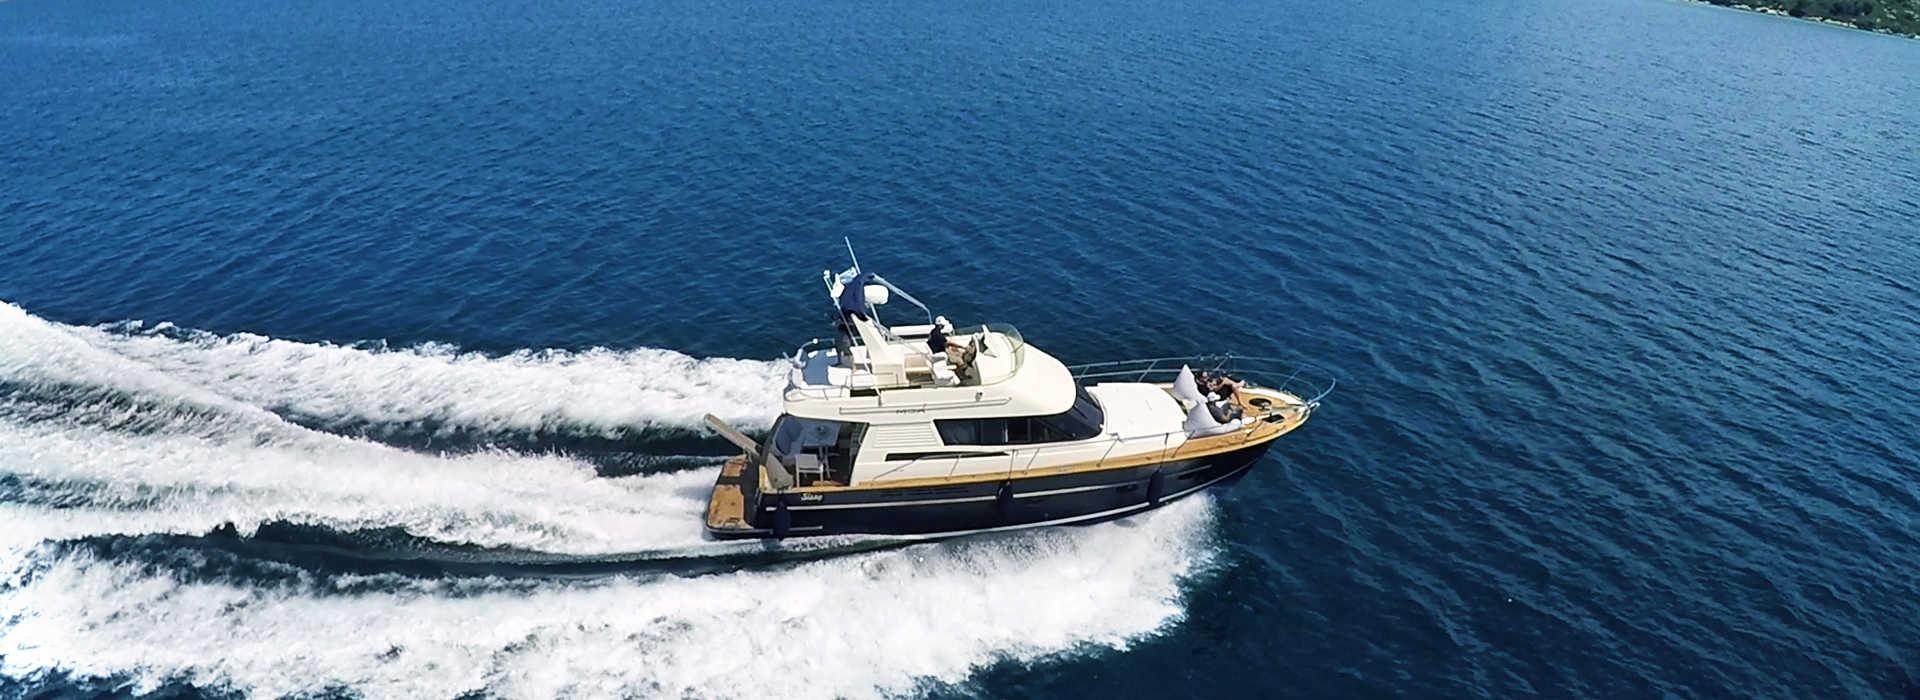 Ενοικίαση σκάφους γιοτ για κρουαζιέρες στην Χαλκιδική